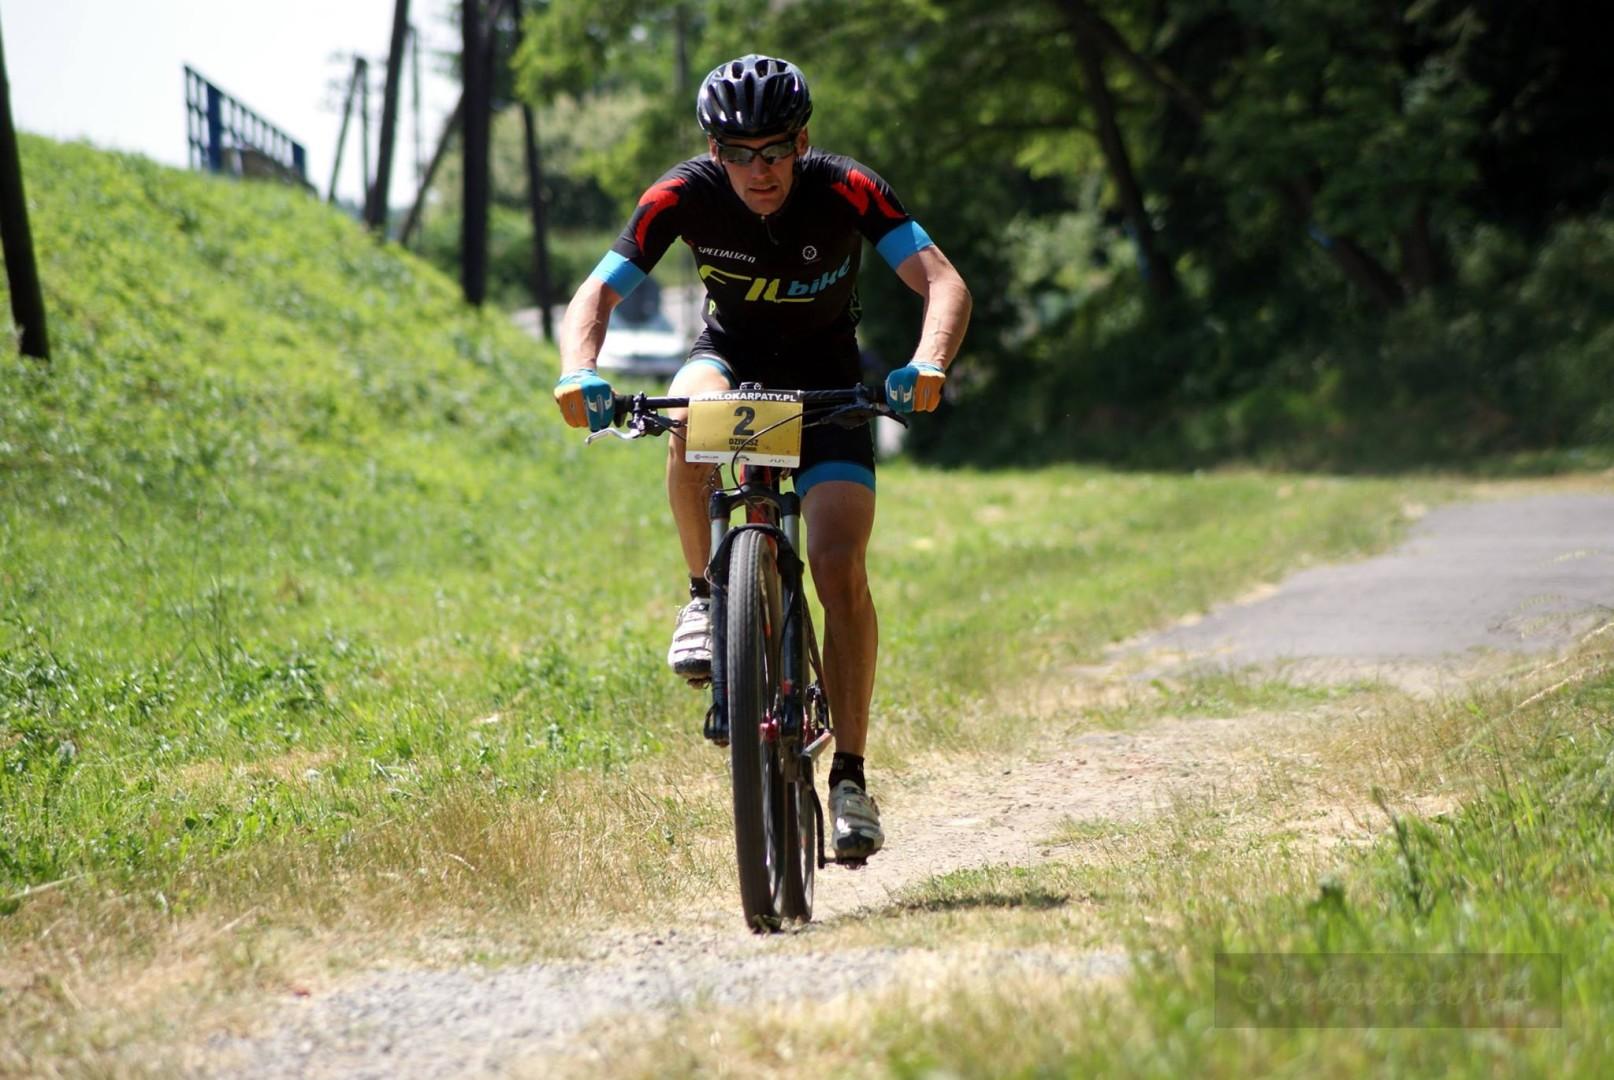 Sławomir Dziwisz (Fil-Bike Rzeszów) – Cyklokarpaty – Strzyżów